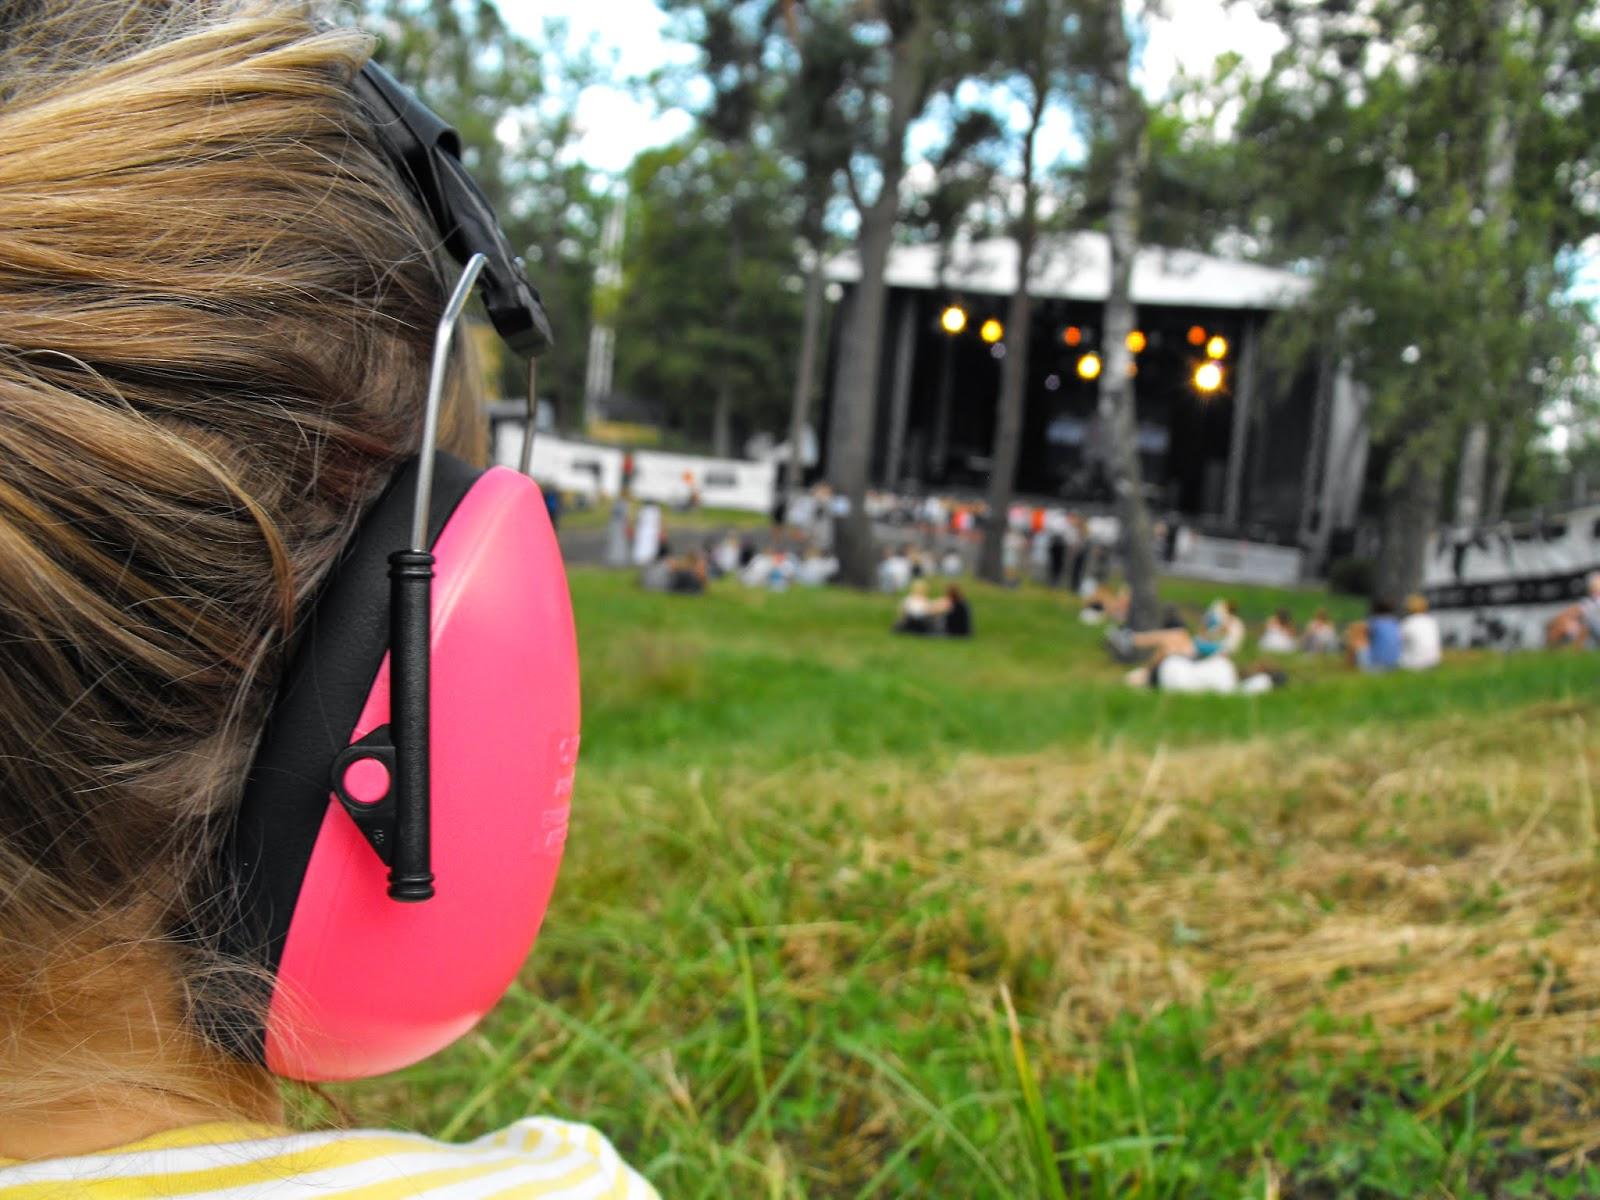 siestafestivalen, Siestafestivalen 2014, SiestaHlm, #SiestaHlm, Hässleholm, Sösdala, Barnfamilj, Musik, Glädje i hjärtat,